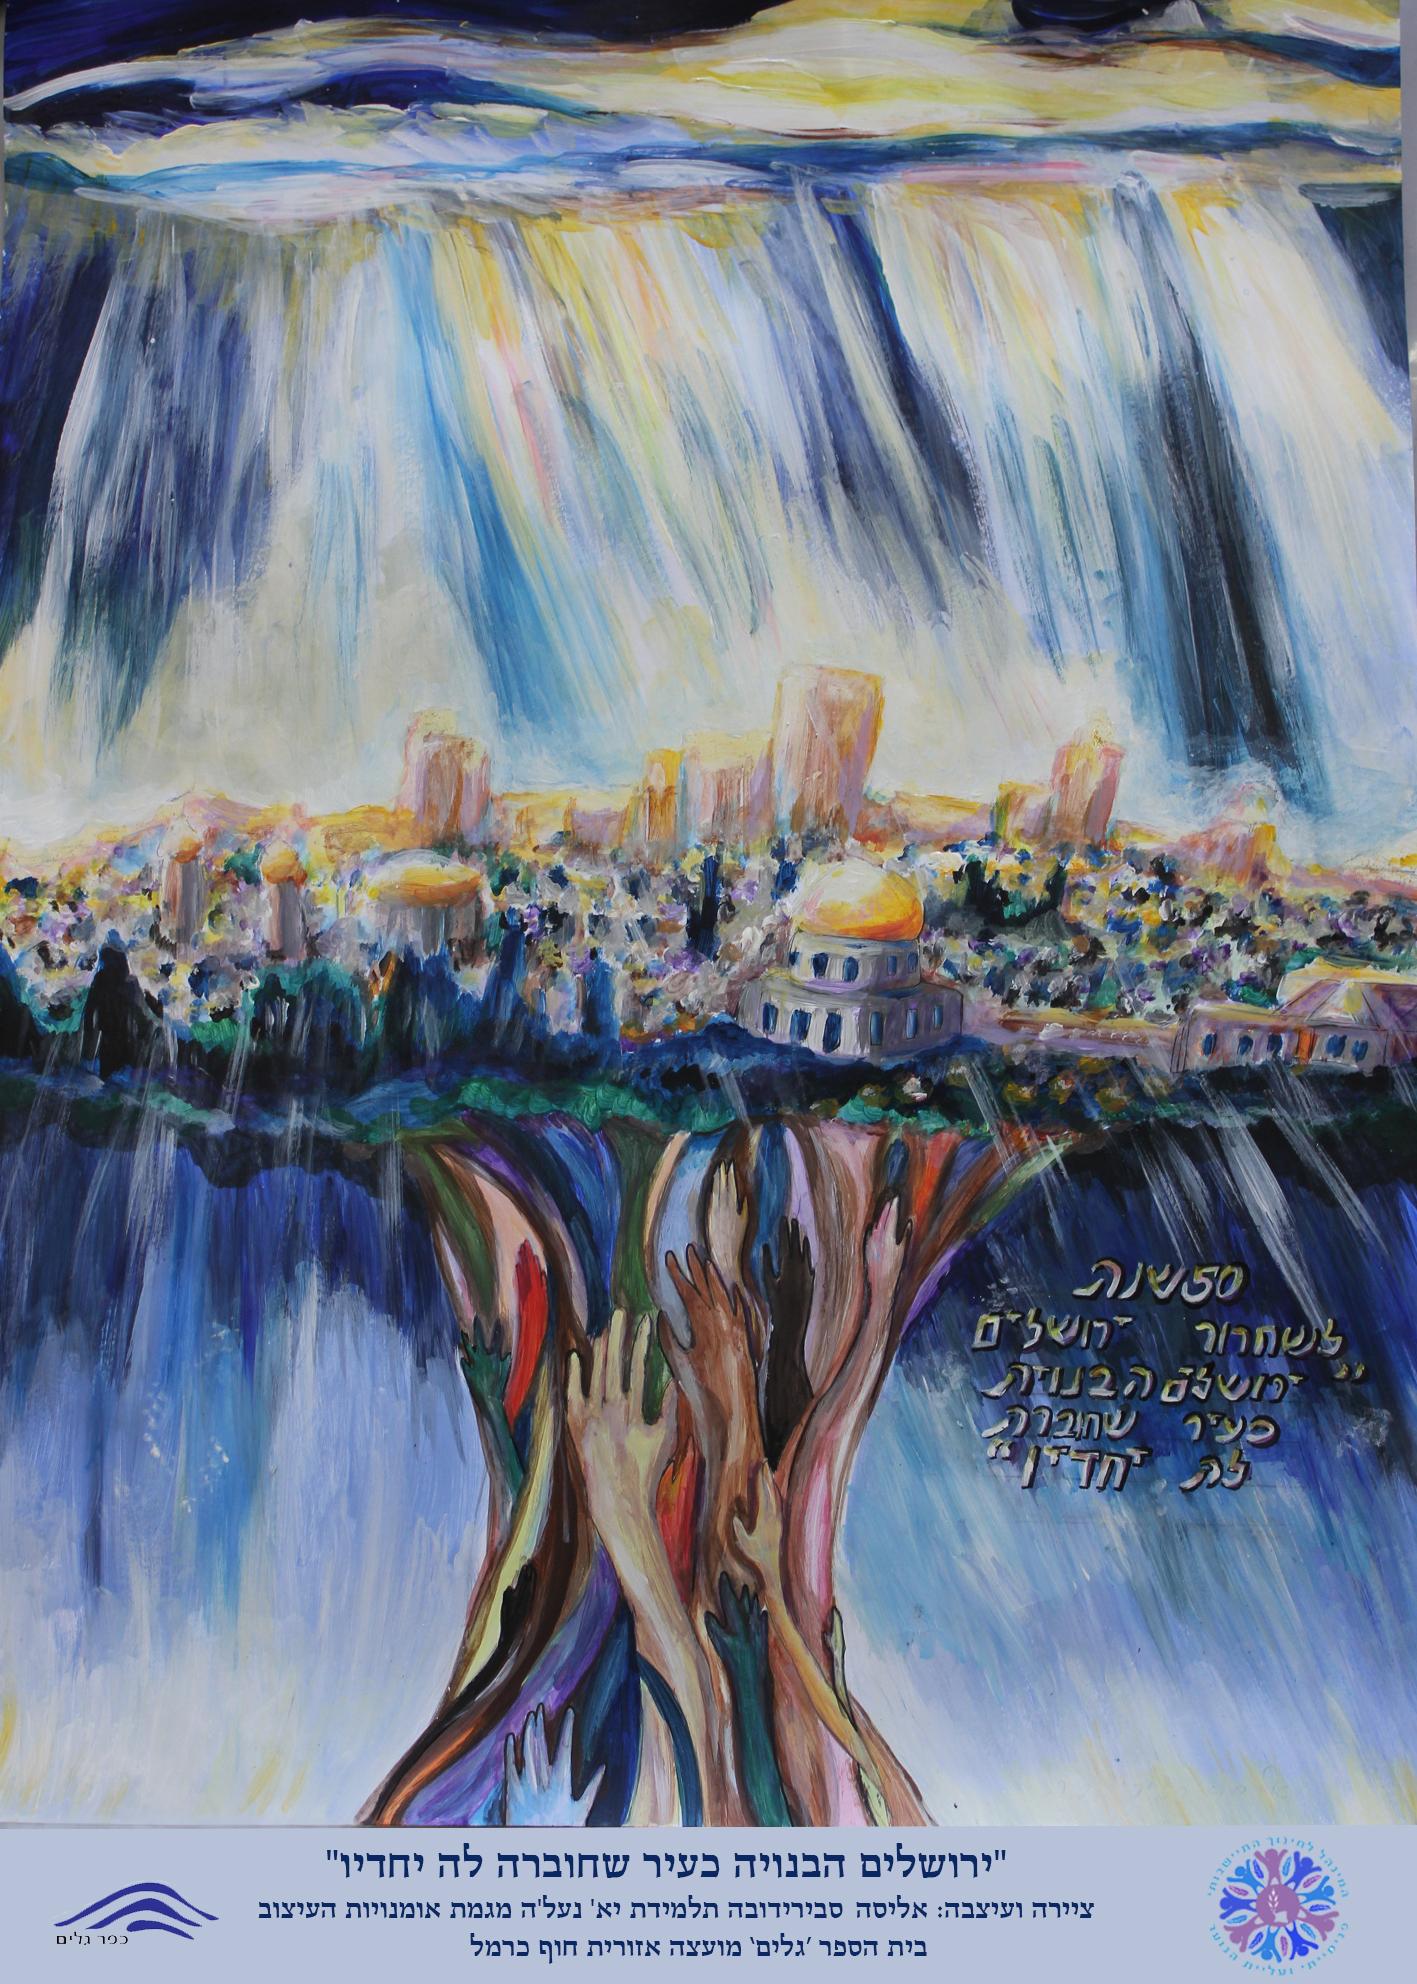 אמנות כפר גלים, כרזה ירושלים אליסה כפר גלים